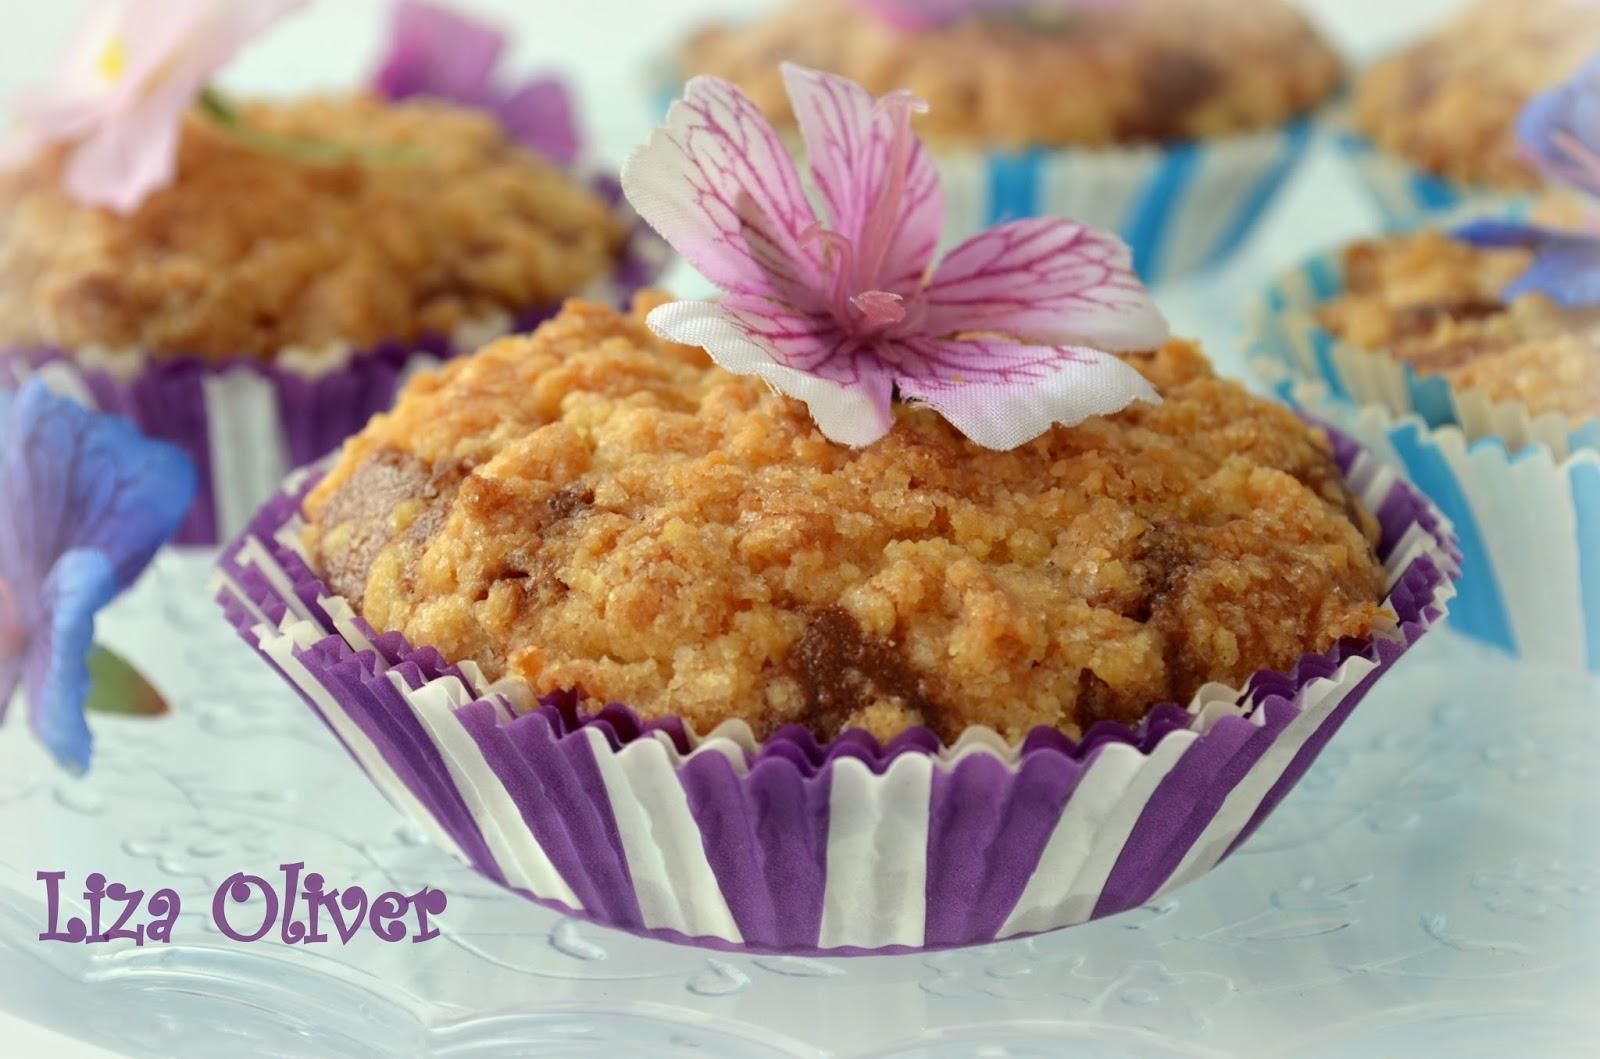 Лиза оливер блог рецепты под настроение